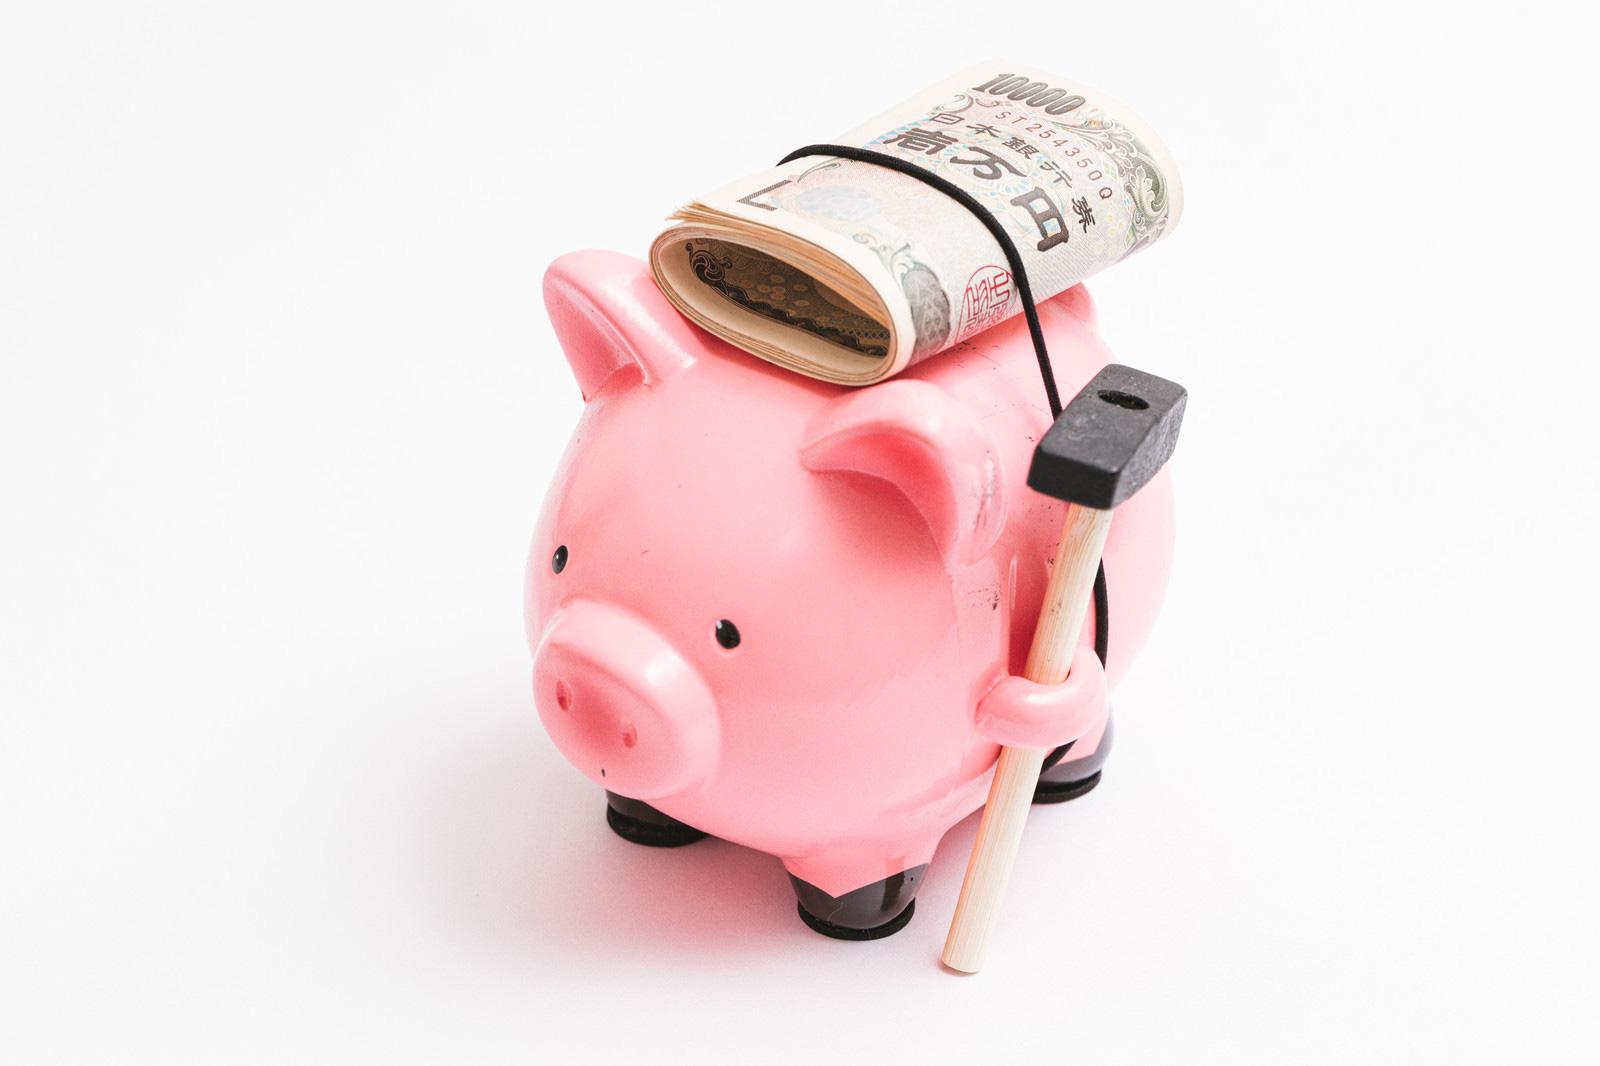 豚の貯金箱と一万円札